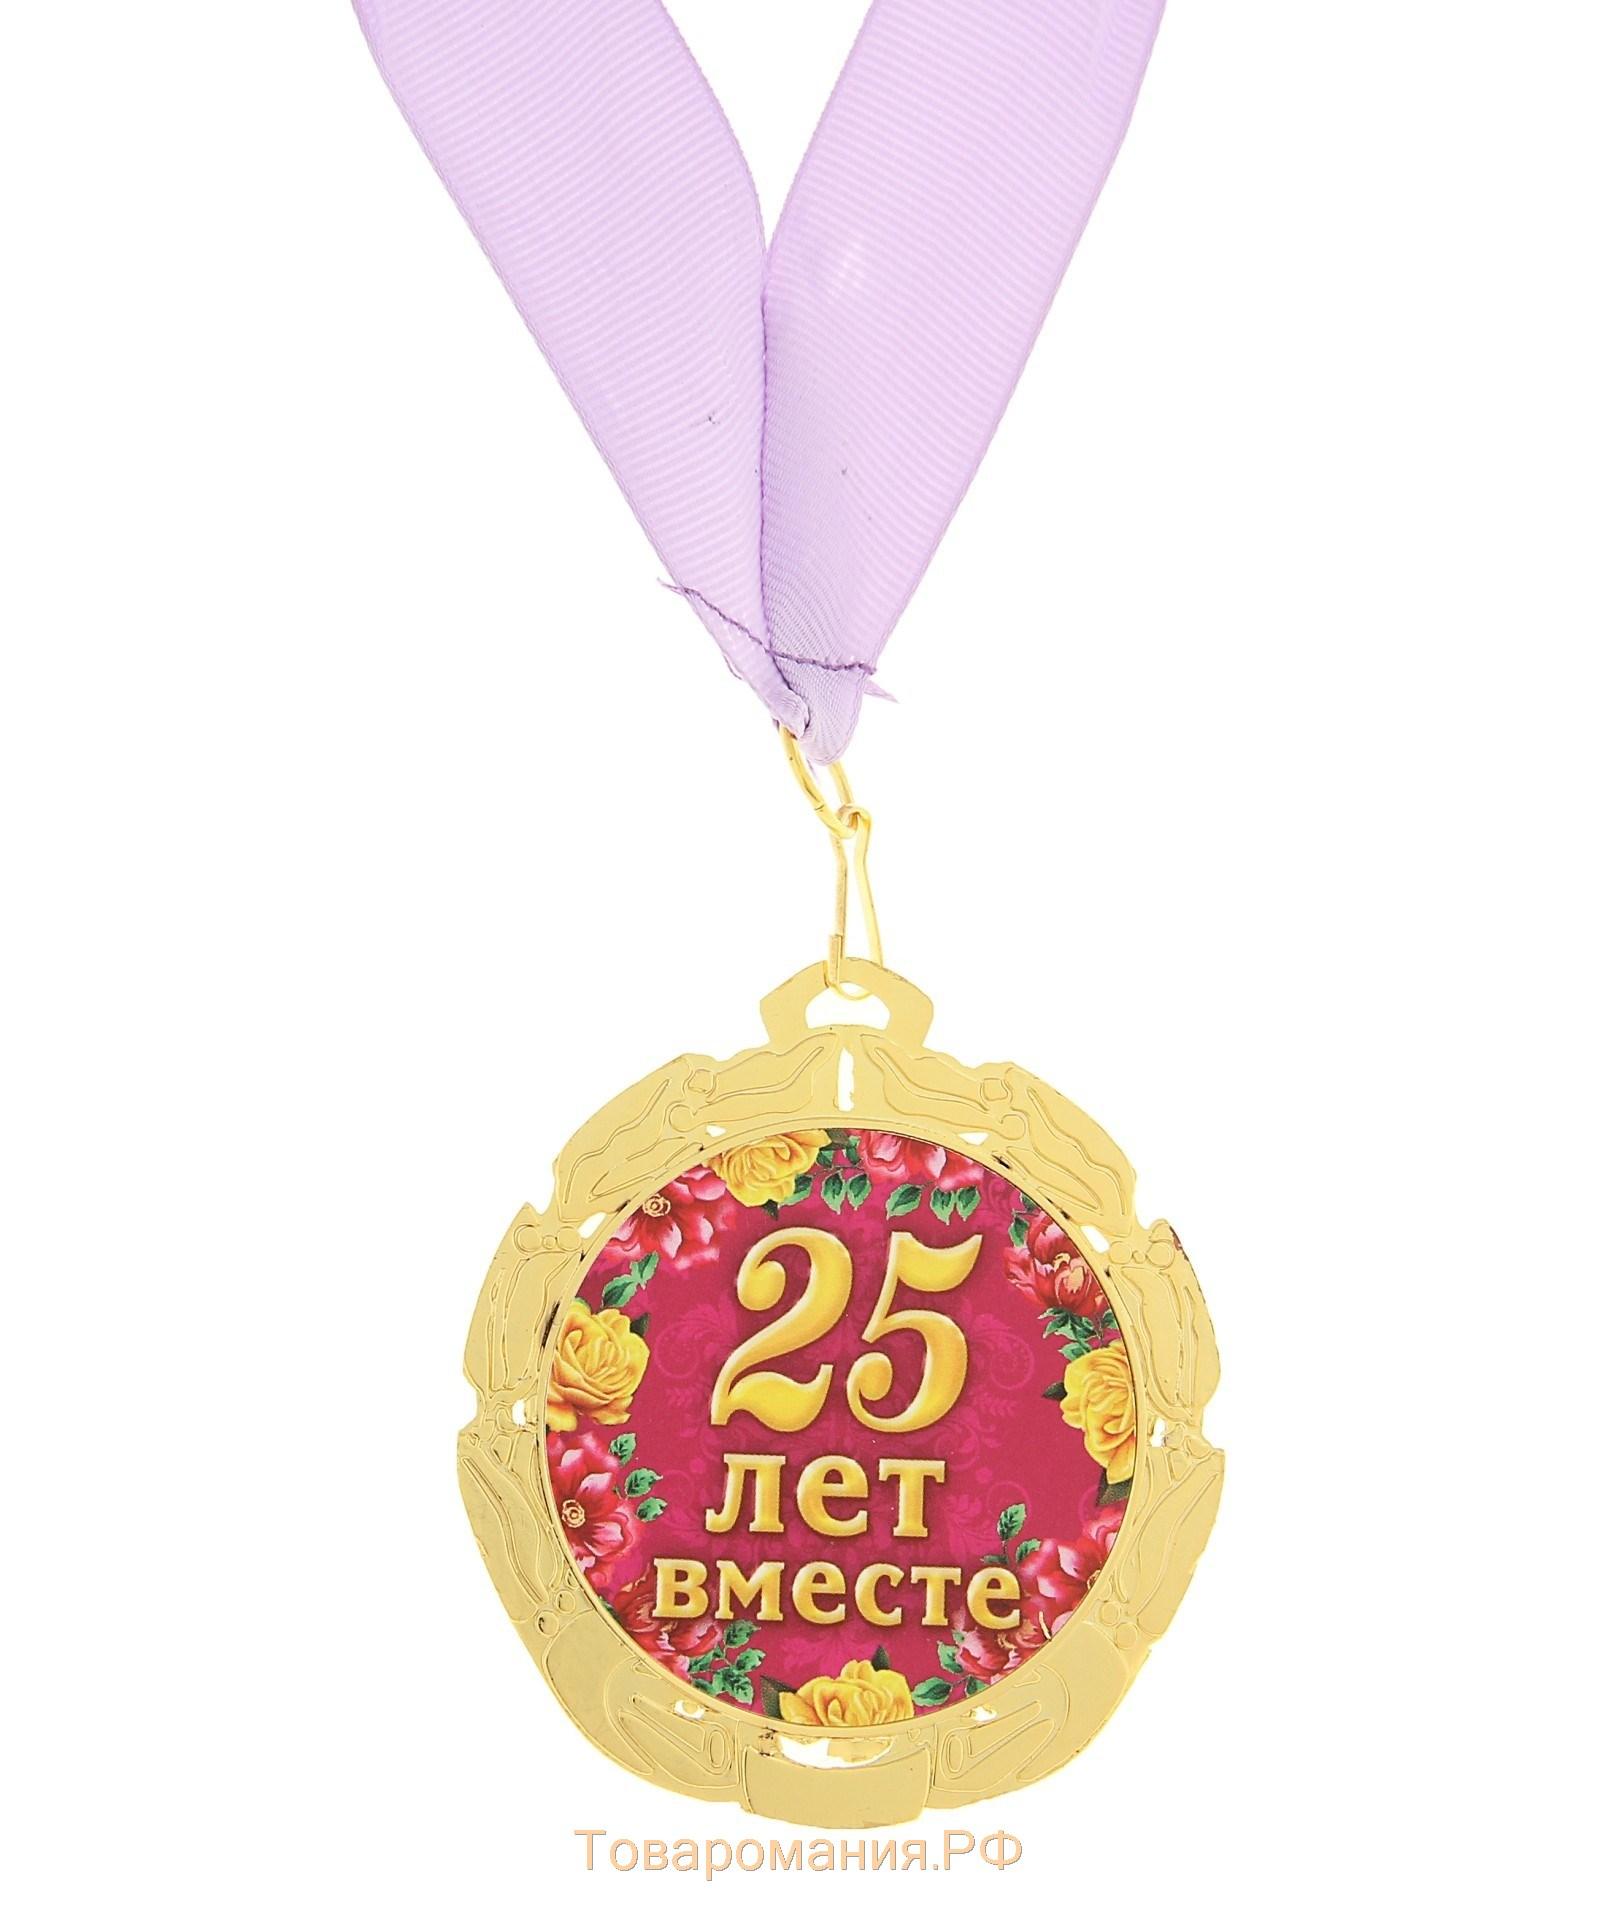 Поздравления на Серебряная свадьба (25 лет) в прозе - Поздравок 18